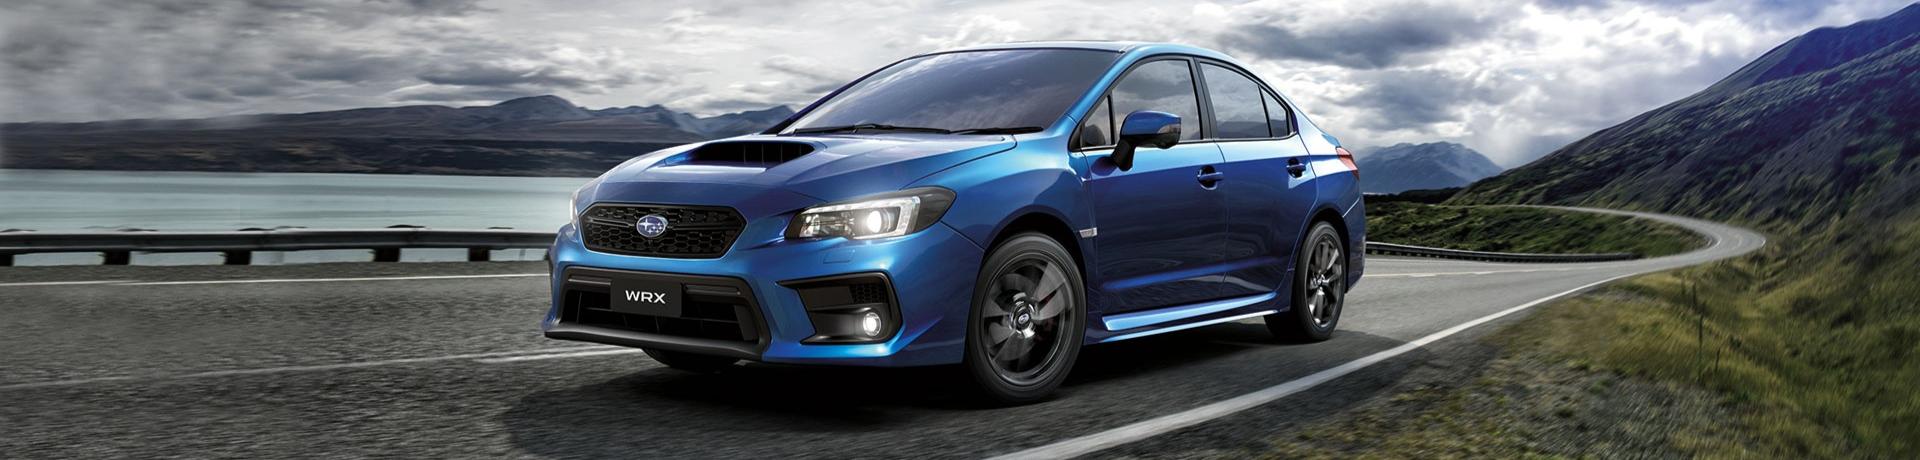 WRX - Subaru - Melville Subaru